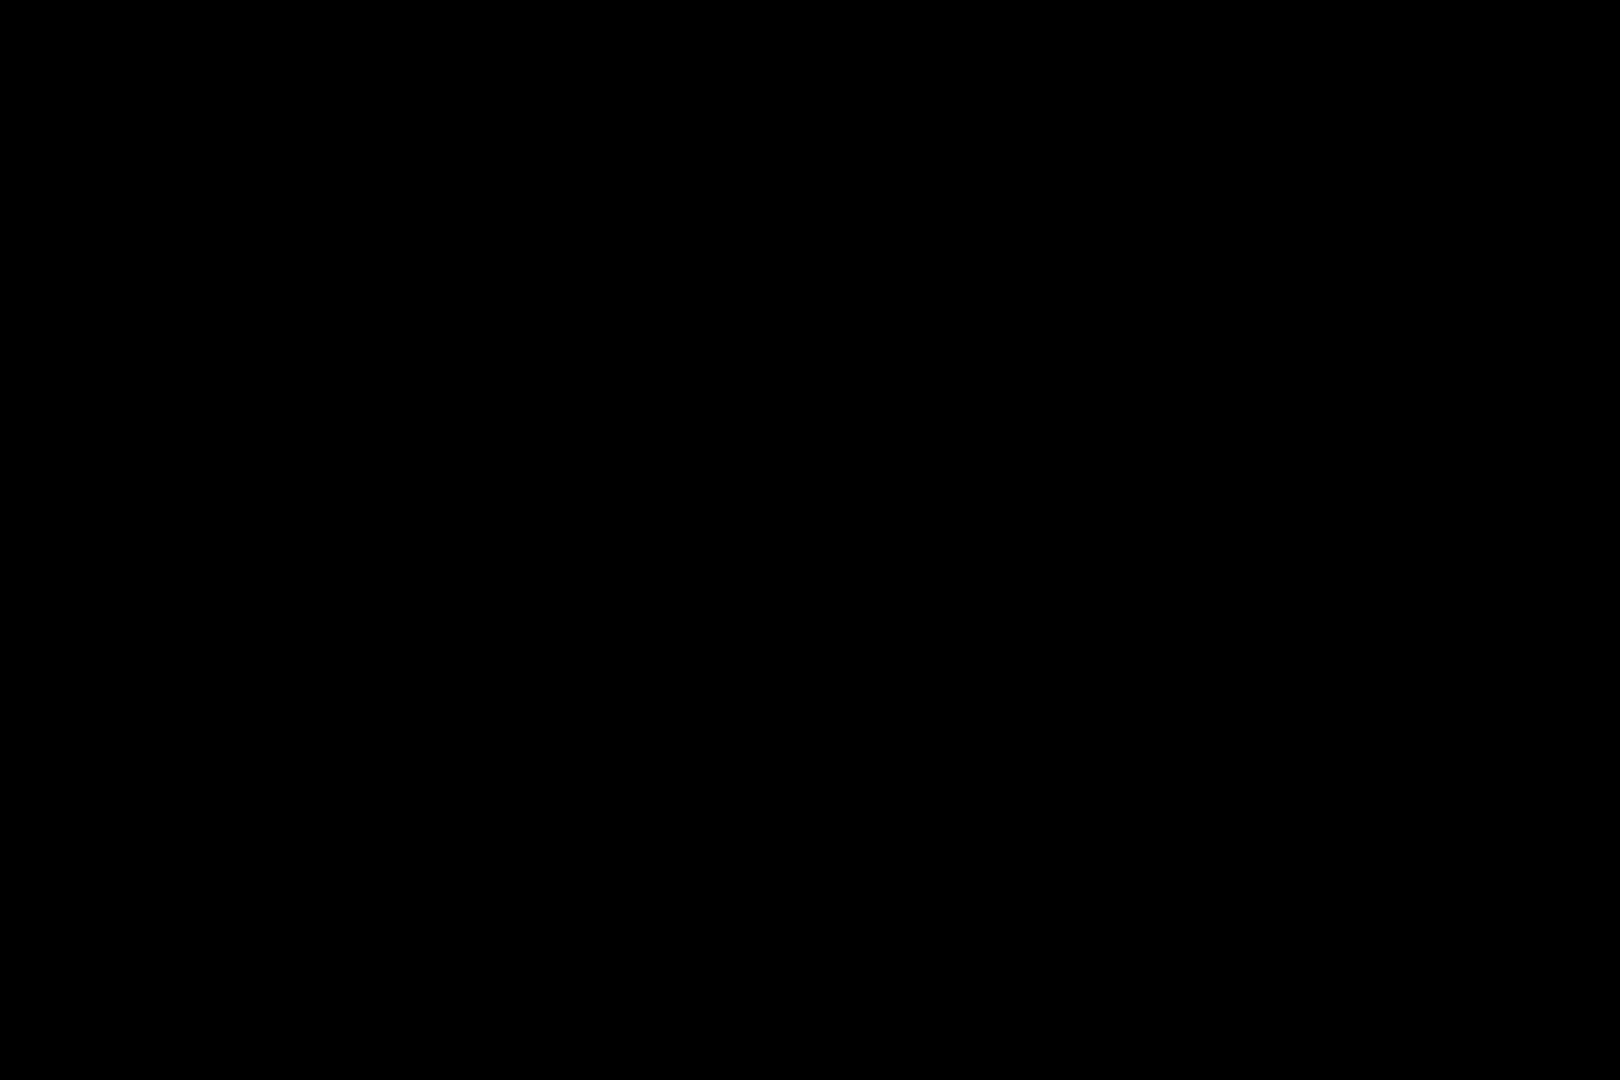 充血監督の深夜の運動会Vol.130 エロティックなOL | エッチなセックス  105画像 61